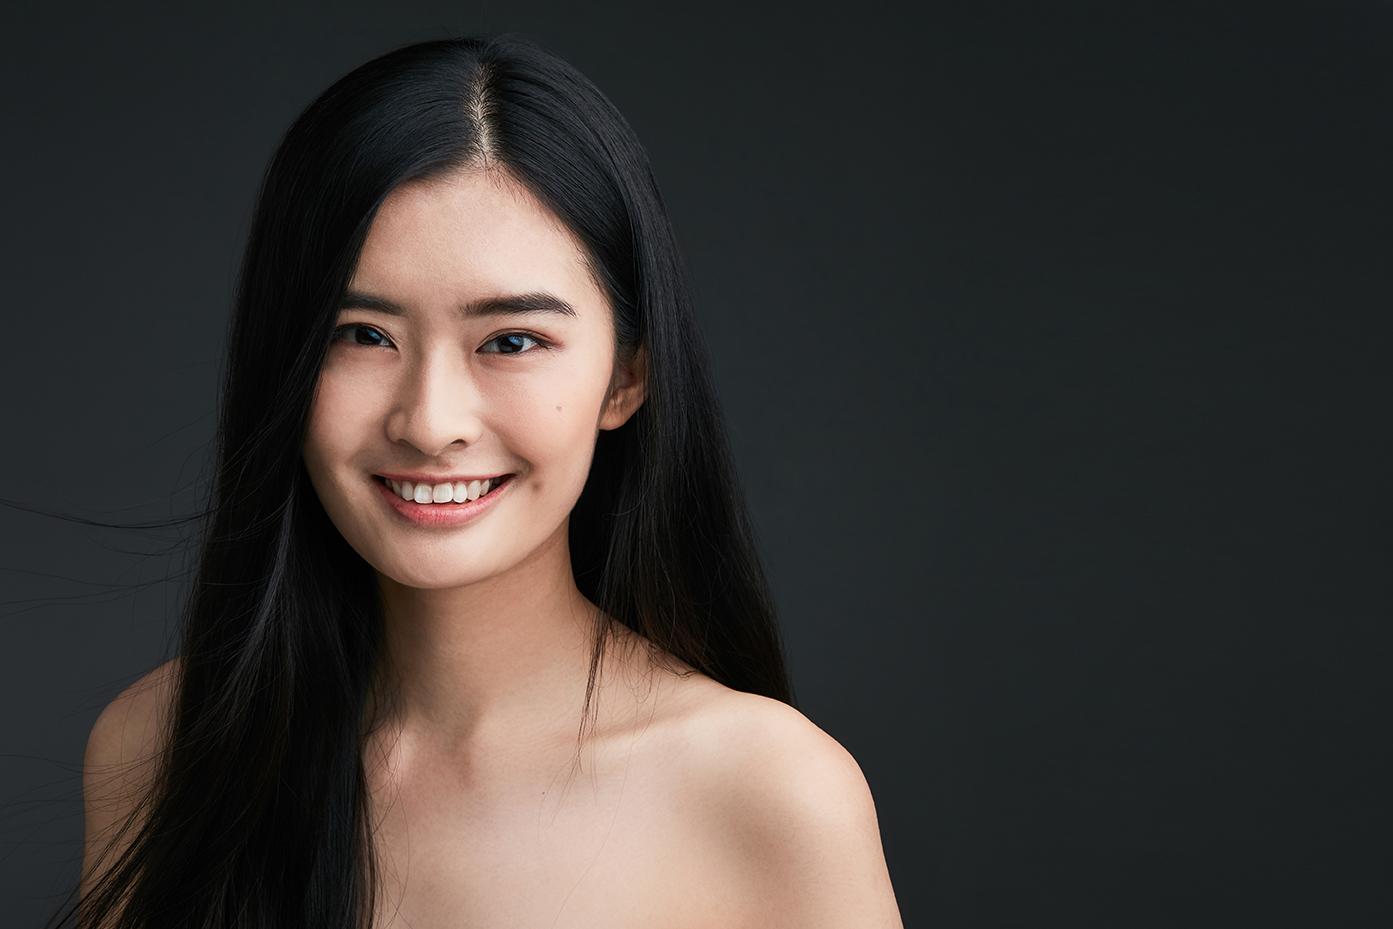 Deng Yan 鄧雁